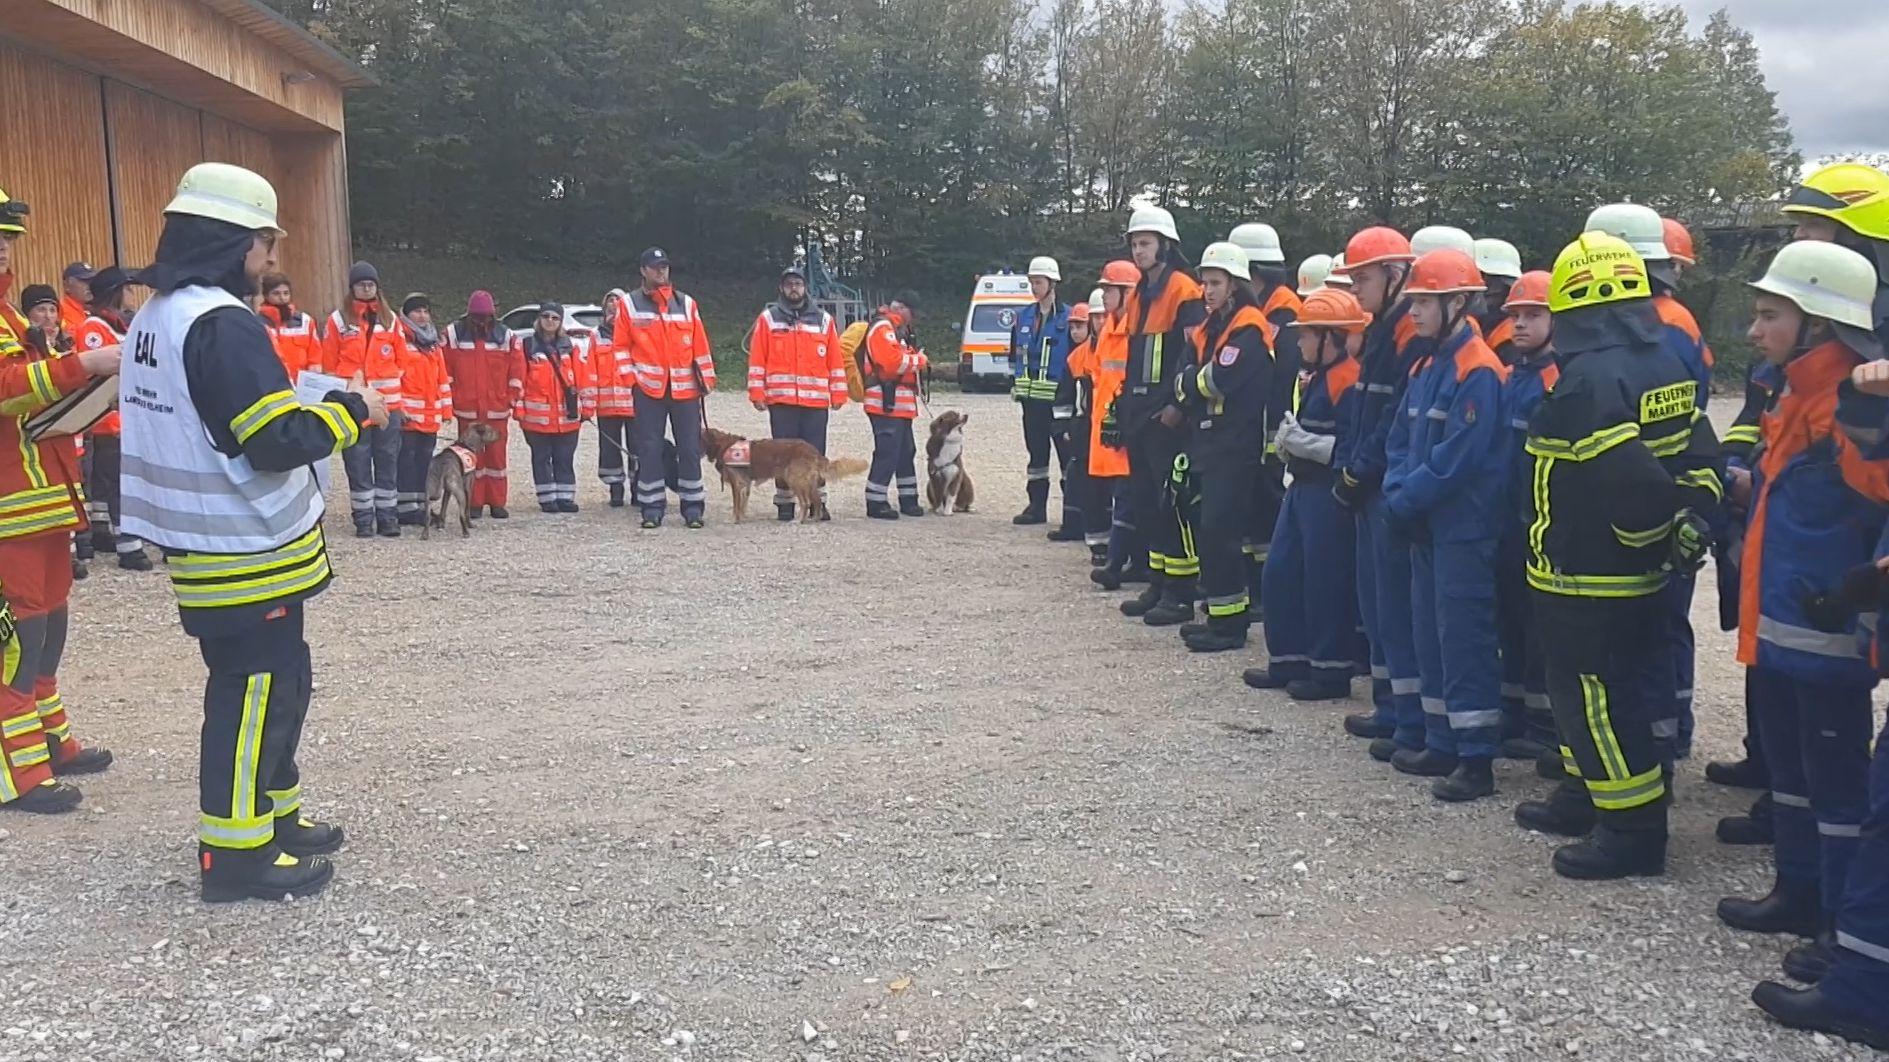 Rund 280 Jugendliche und Erwachsene beteiligten sich am Samstag (05.10.19) an einer Großübung der Feuerwehr im Landkreis Kelheim.